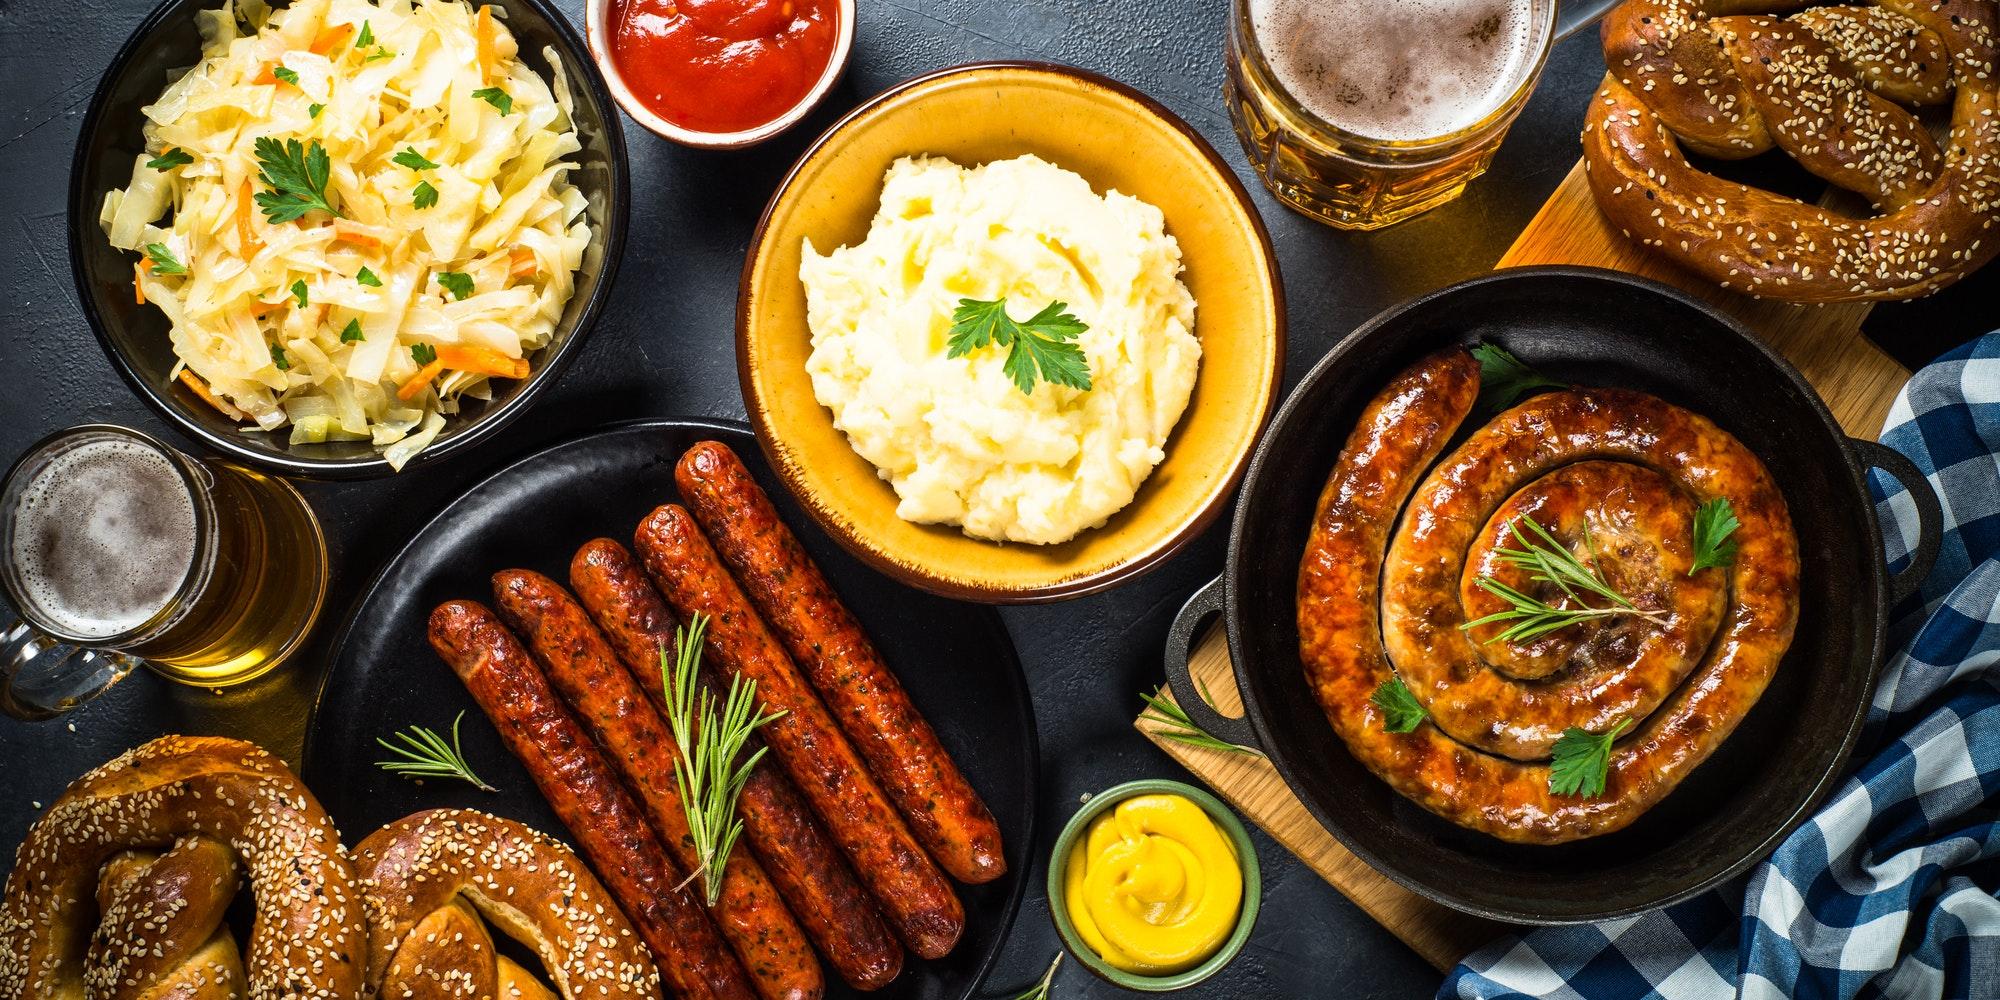 Oktoberfest food - sausage, beer and bretzel